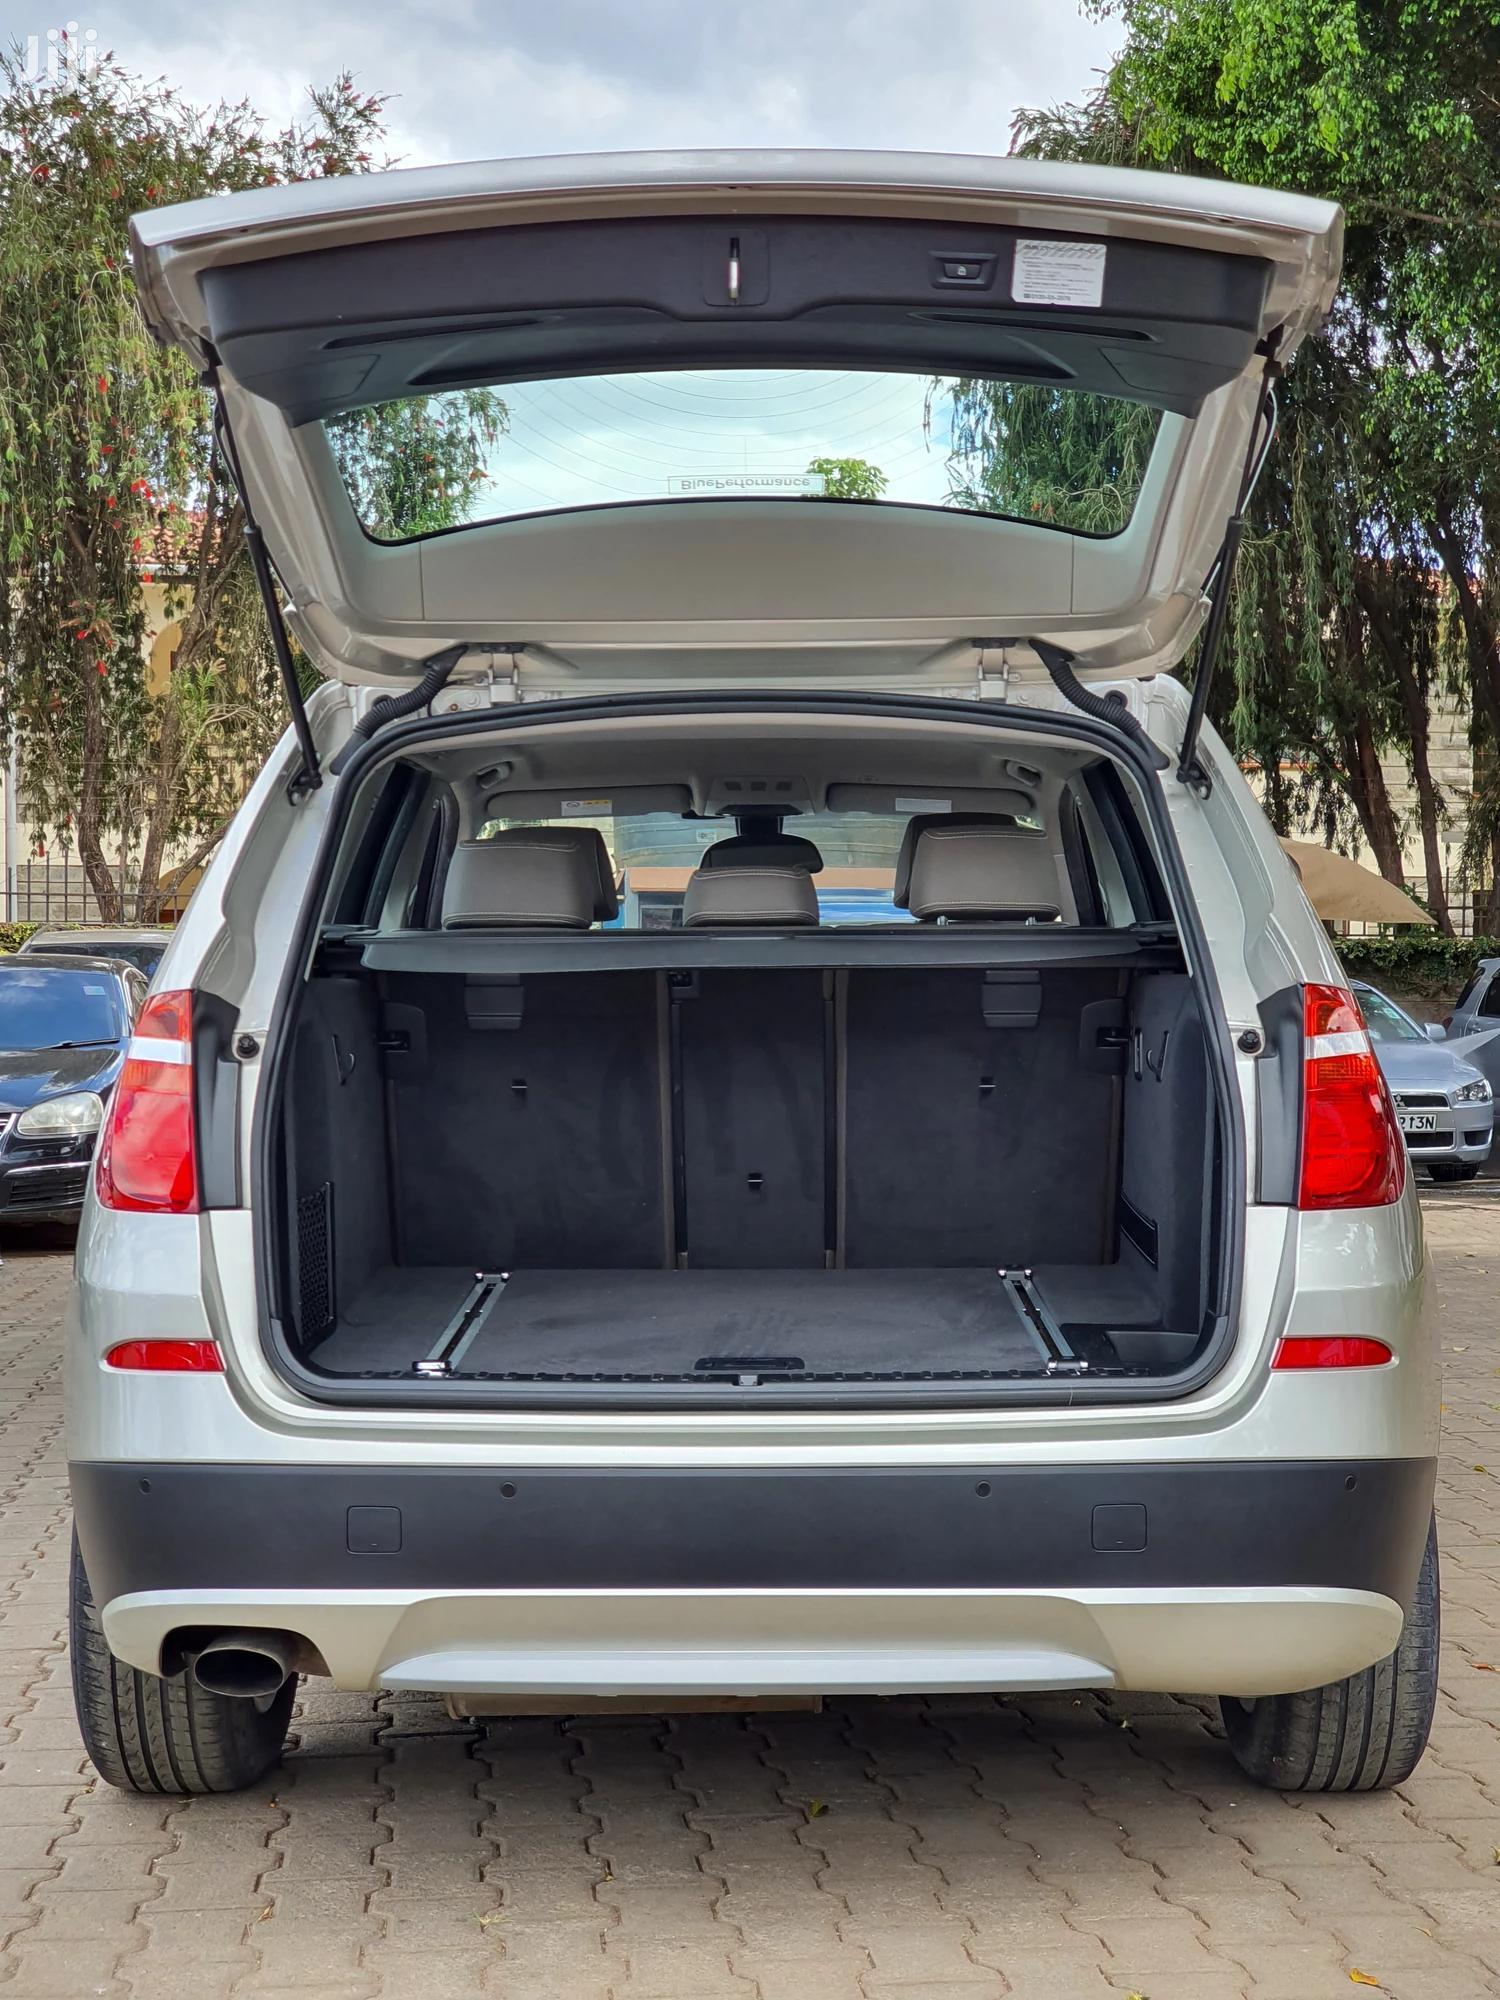 BMW X3 2013 Beige | Cars for sale in Kileleshwa, Nairobi, Kenya